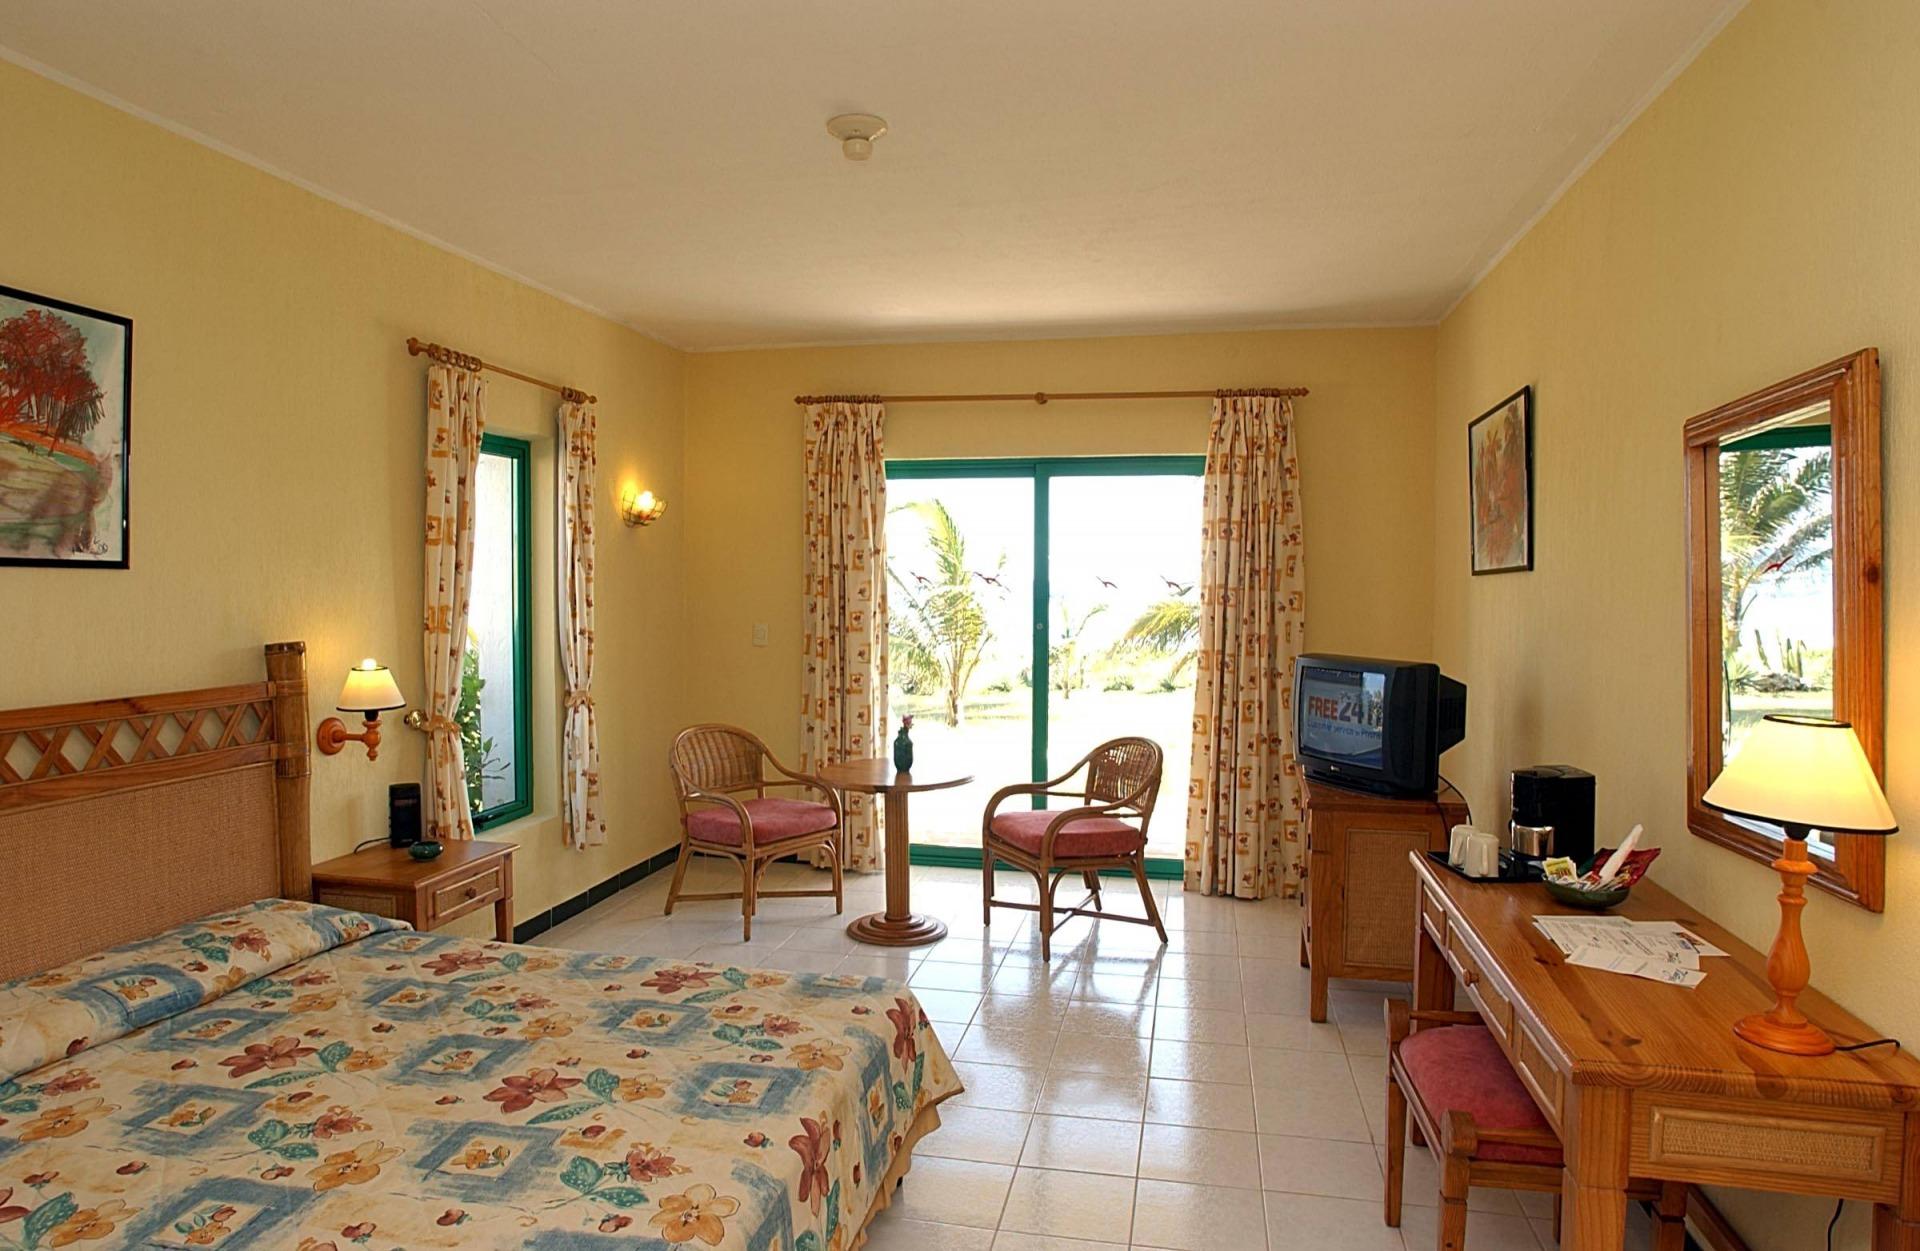 Kuba kuba varadero breezes jibacoa open travel for Design hotel kuba